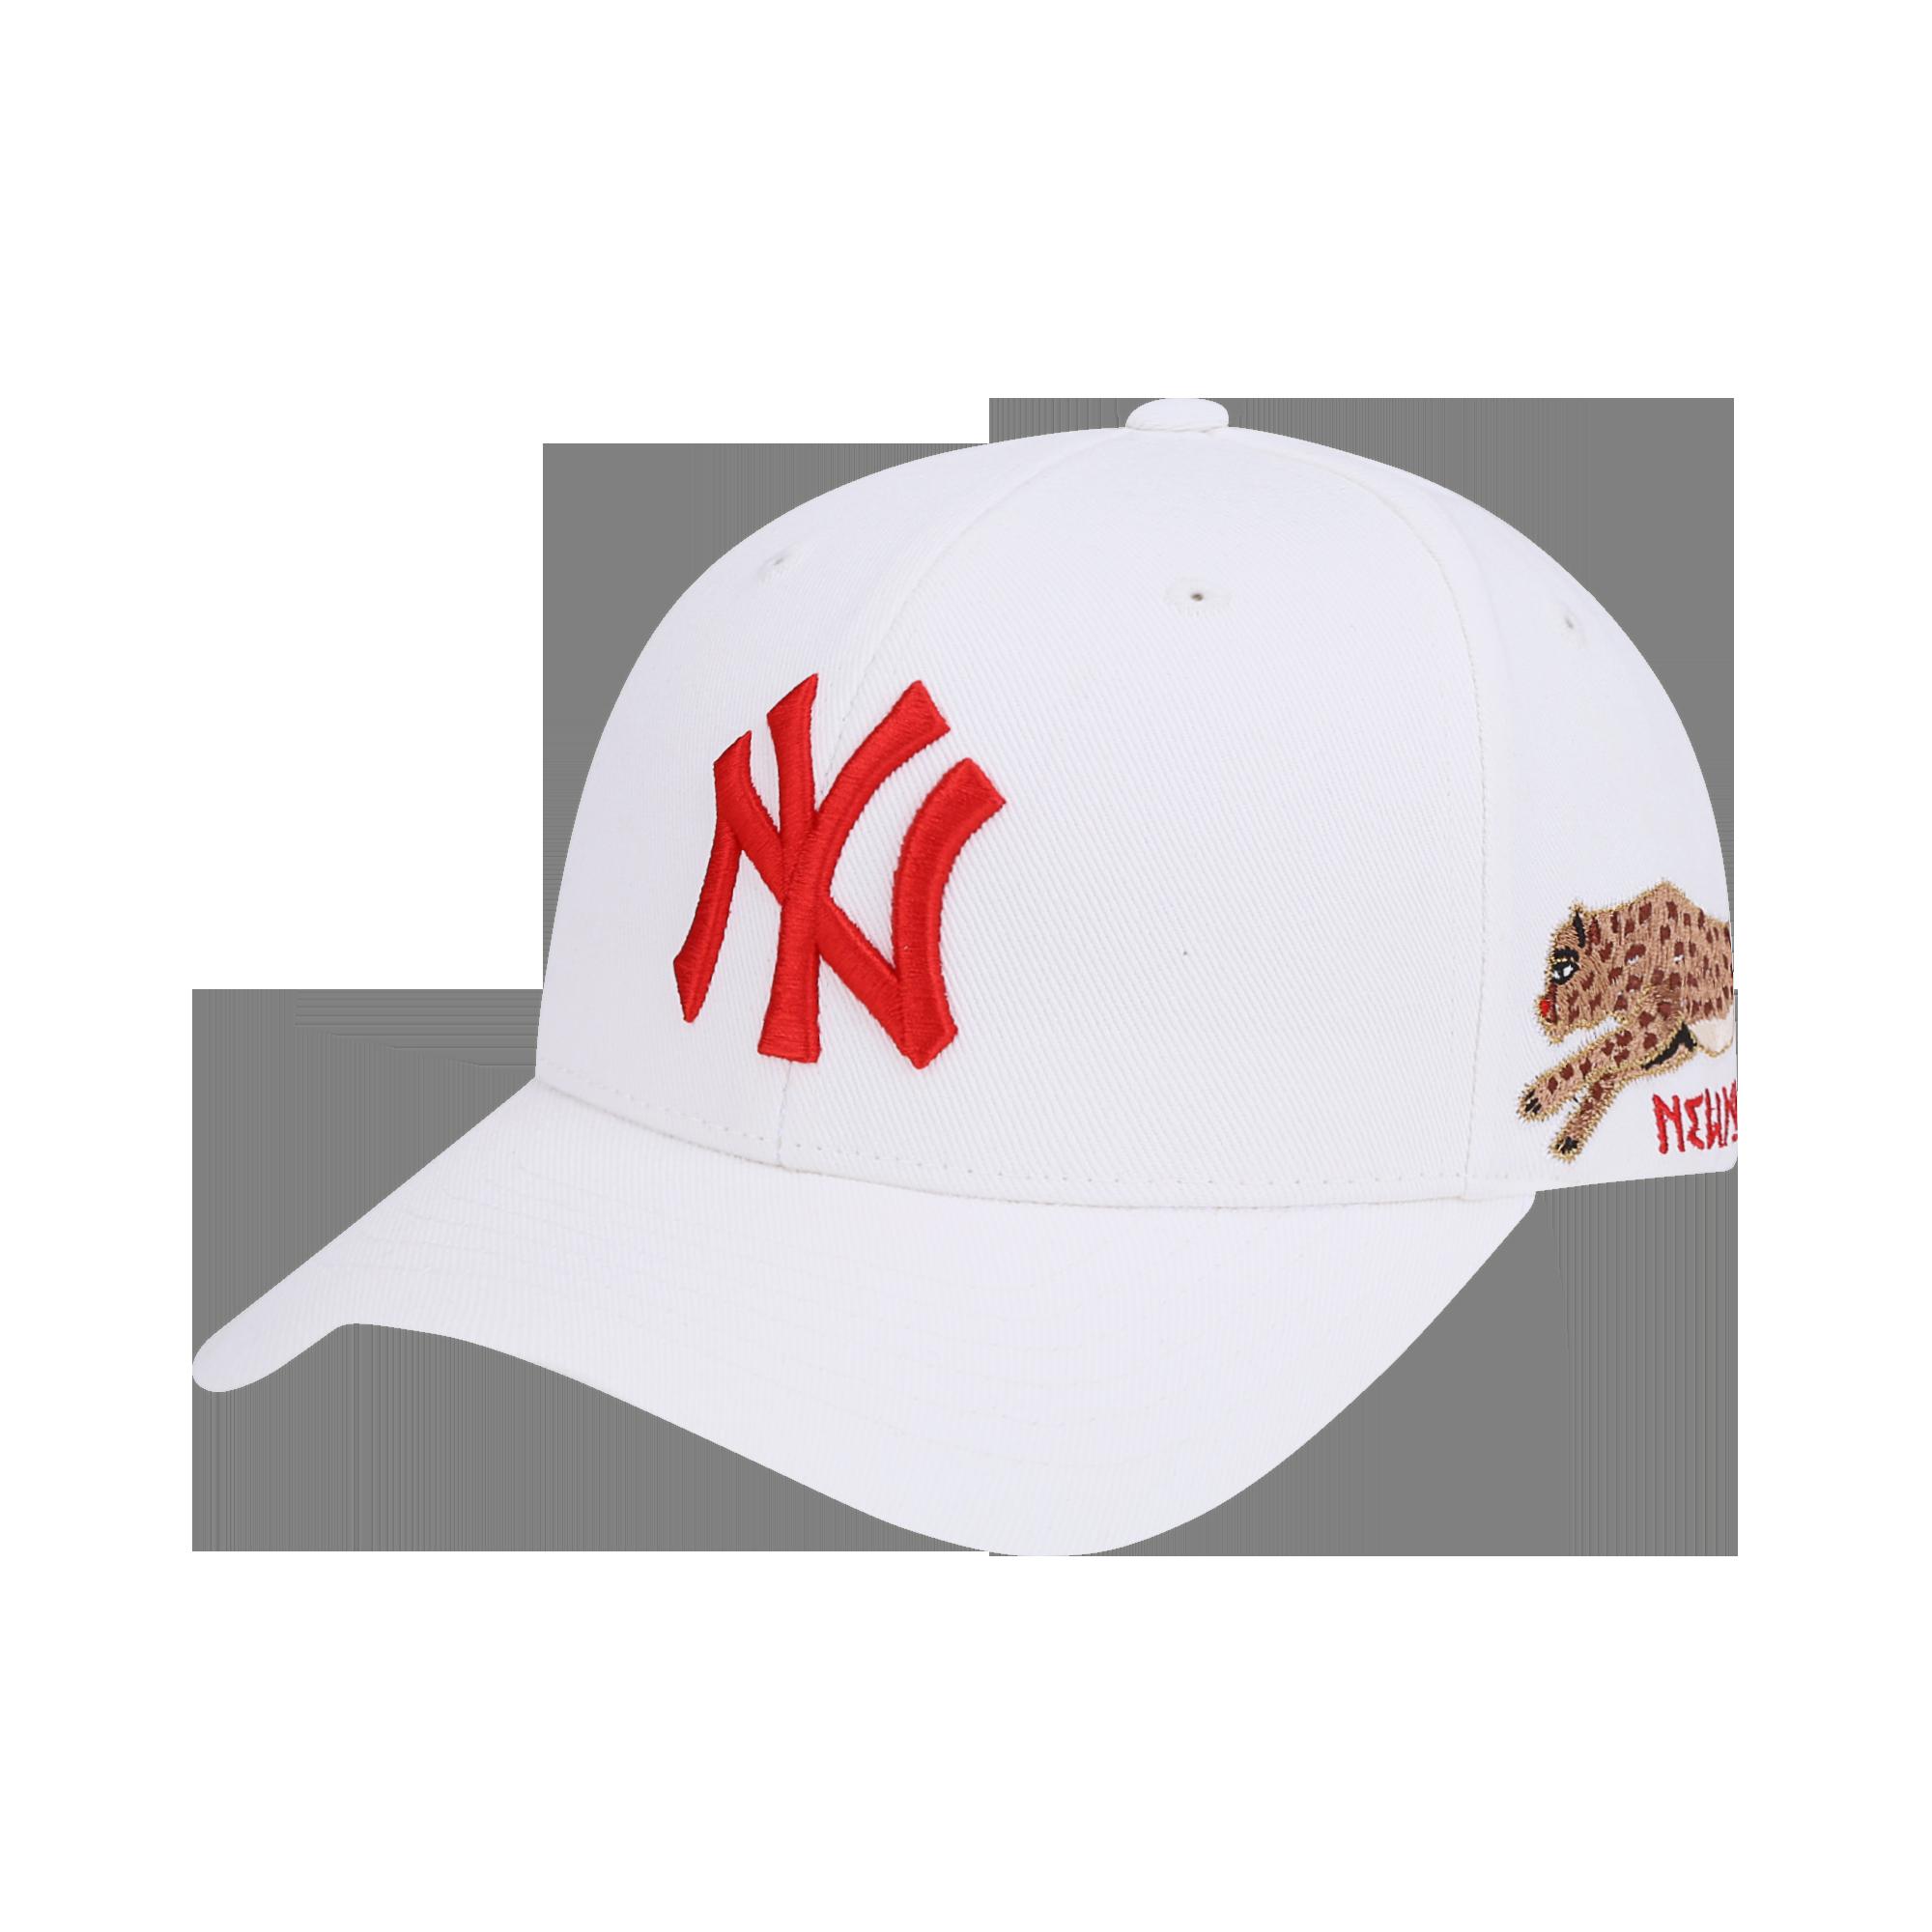 뉴욕 양키스 블랙팬서 스파크 커브조절캡